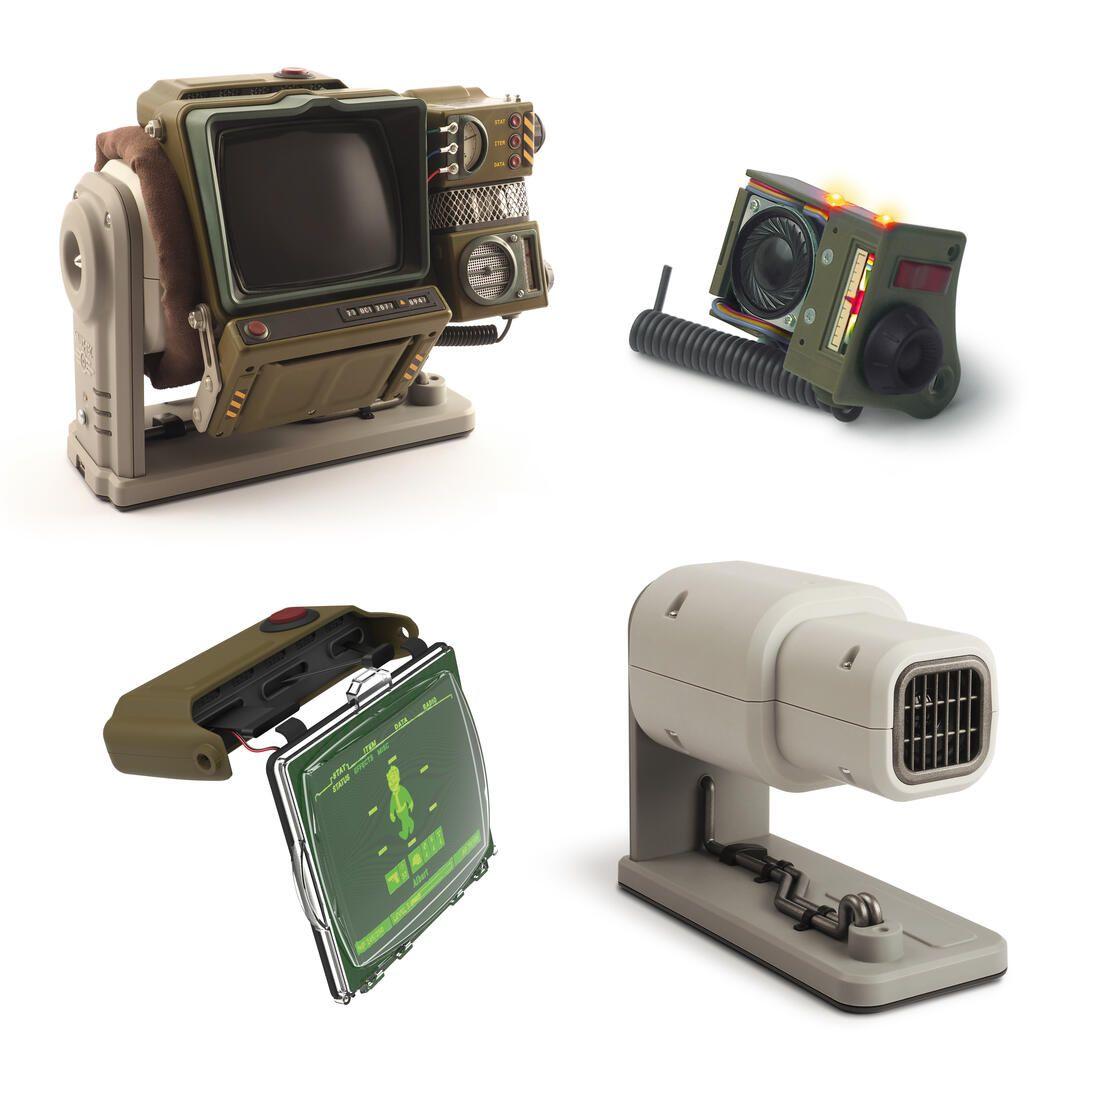 Fallout Pip Boy 2000 Mk Vi Kit Upgrade Modules Getdigital Pip Boy Pip Boy 2000 Fallout Merch